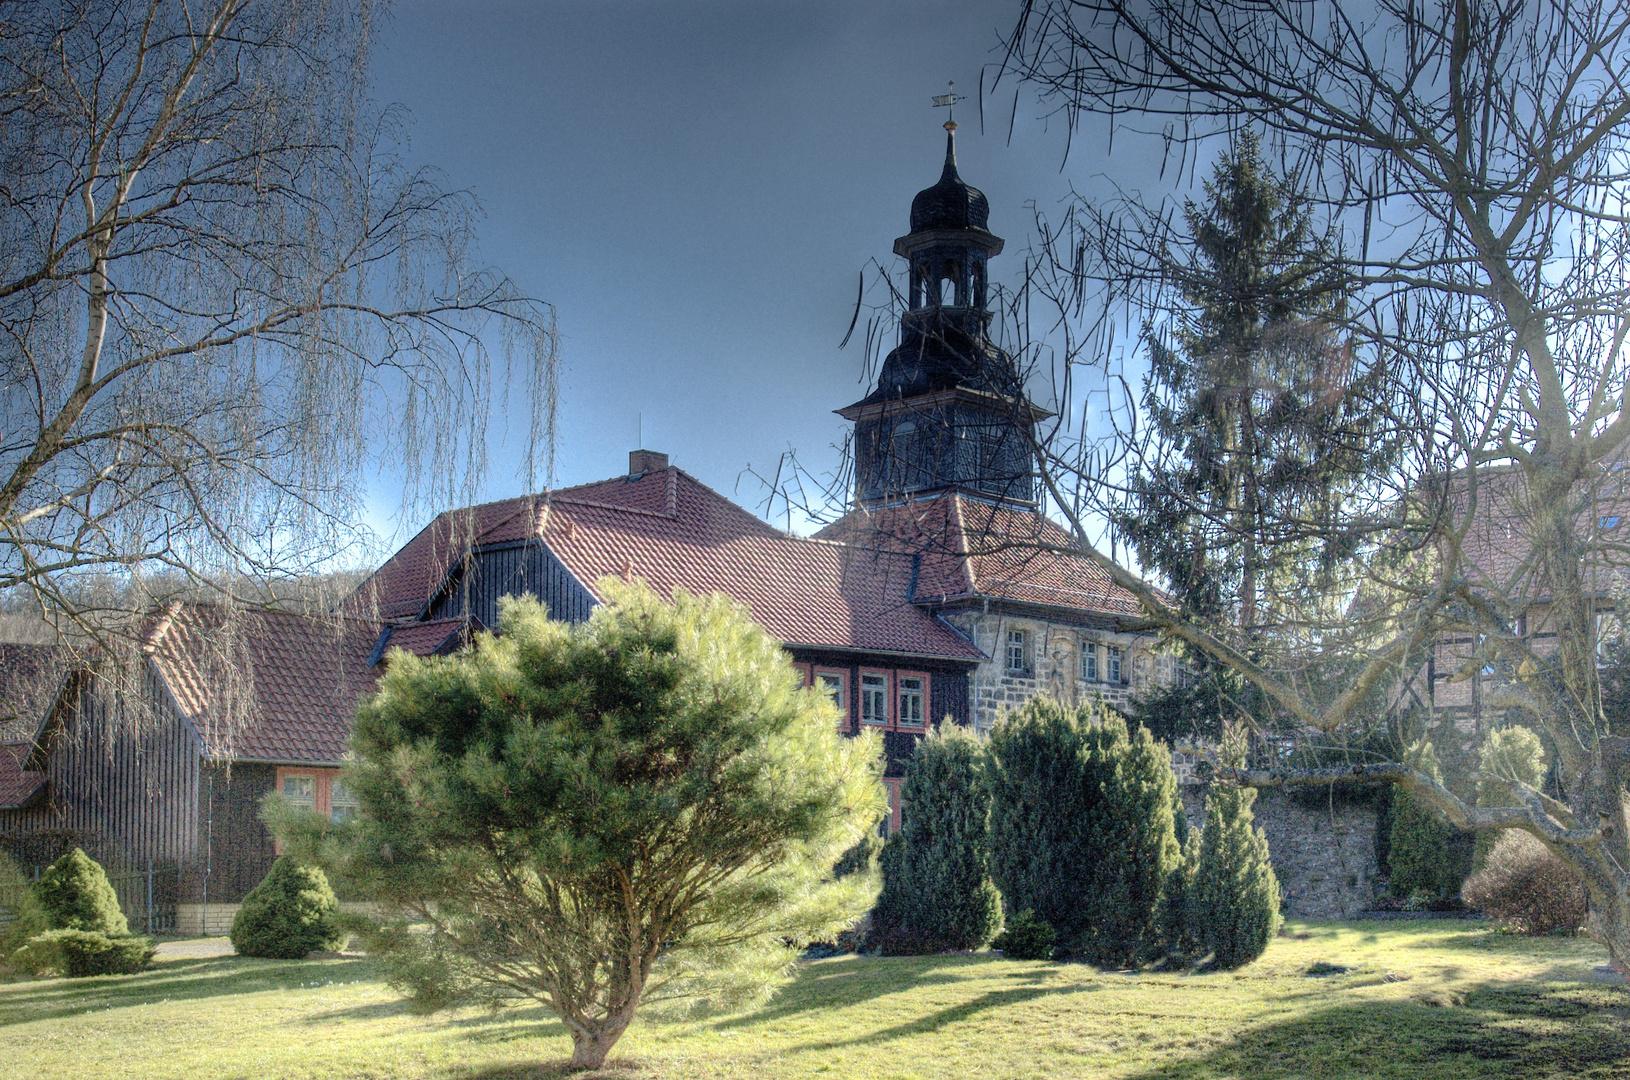 Kloster Michaelstein im Harz